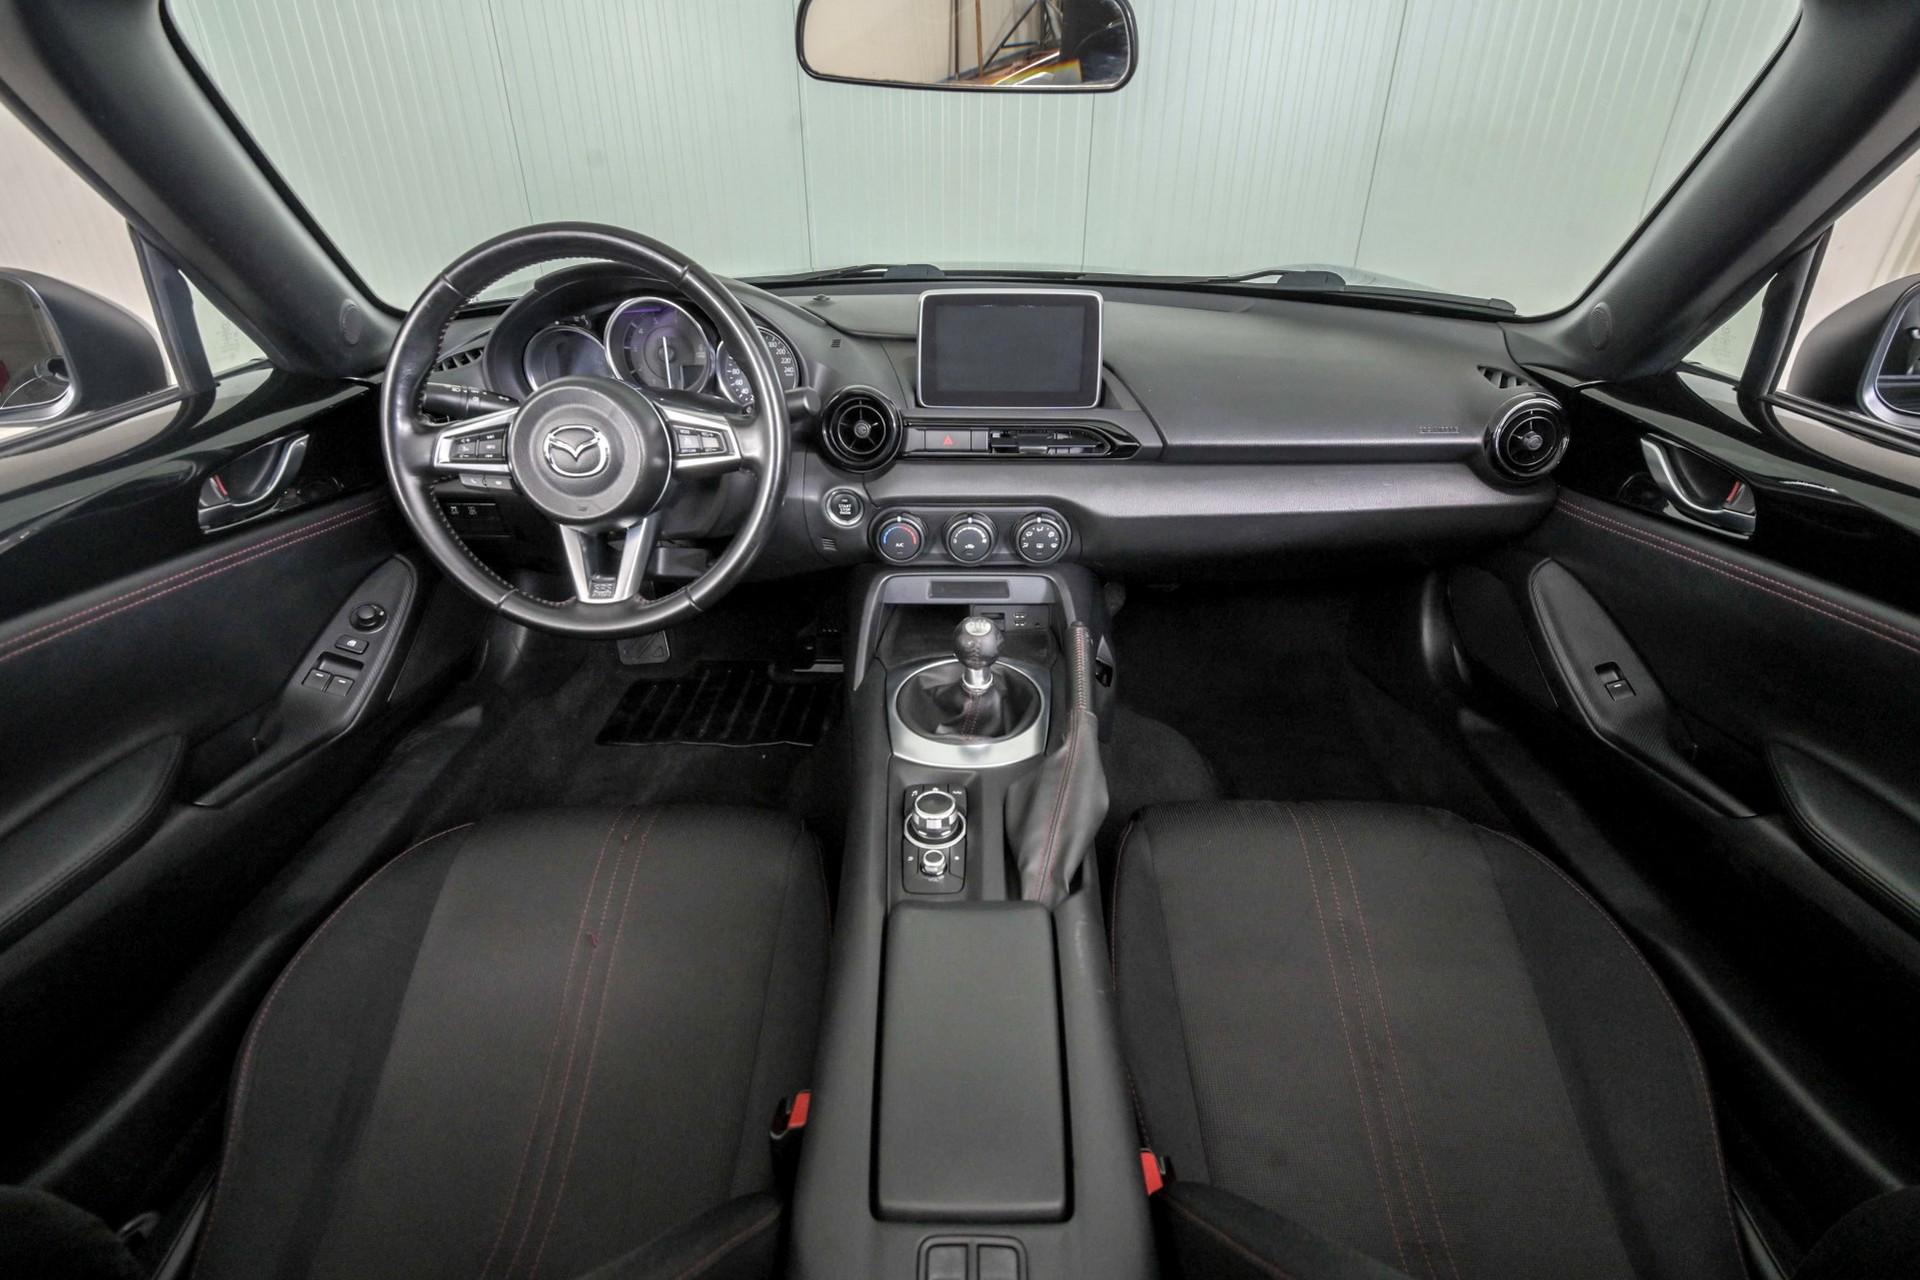 Mazda MX-5 1.5 SkyActiv-G 131 S Foto 7